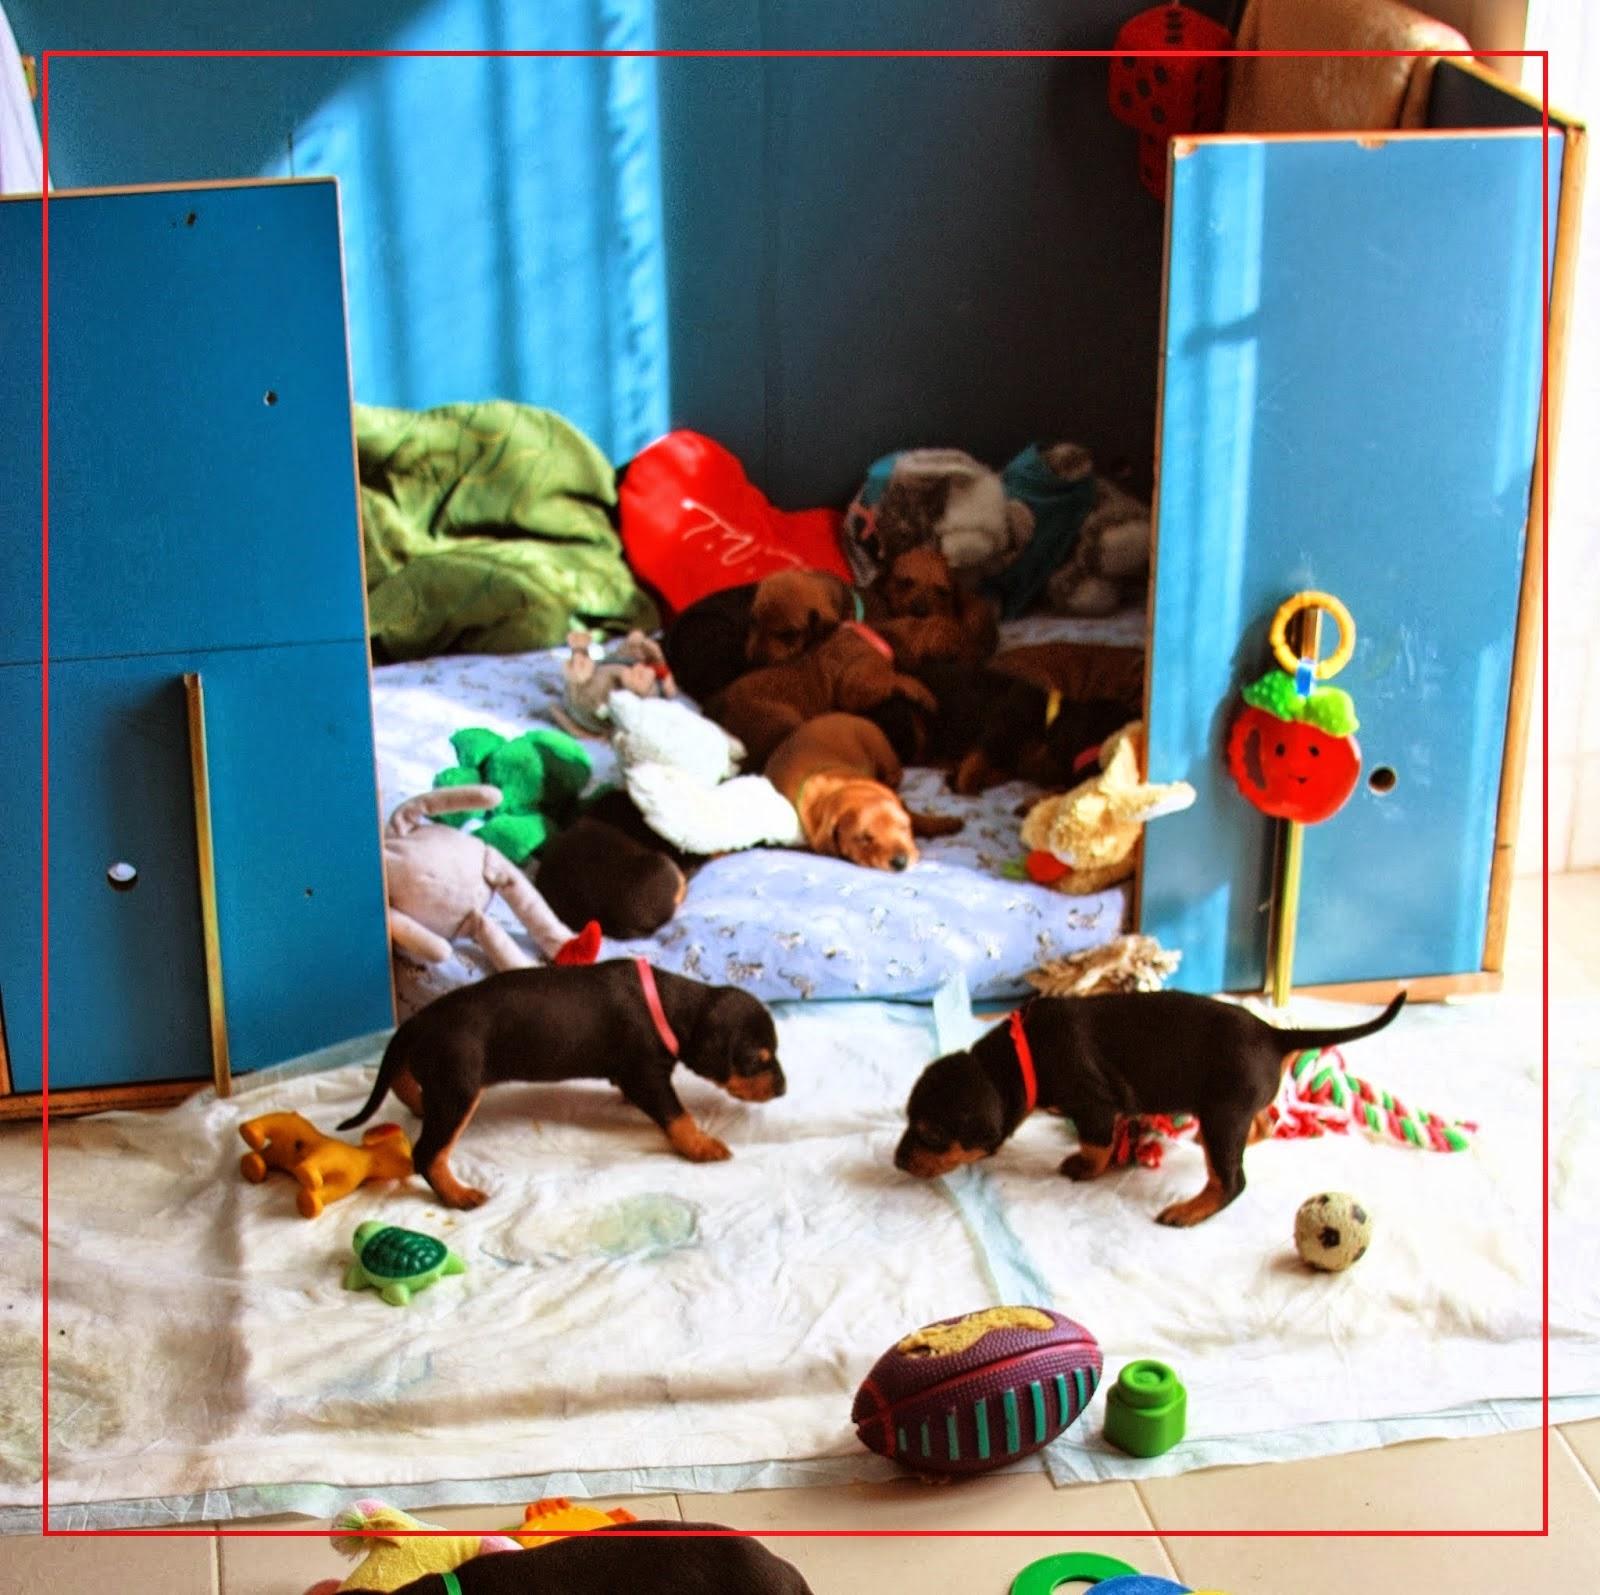 http://unforgettablypinscherallevamento.blogspot.it/